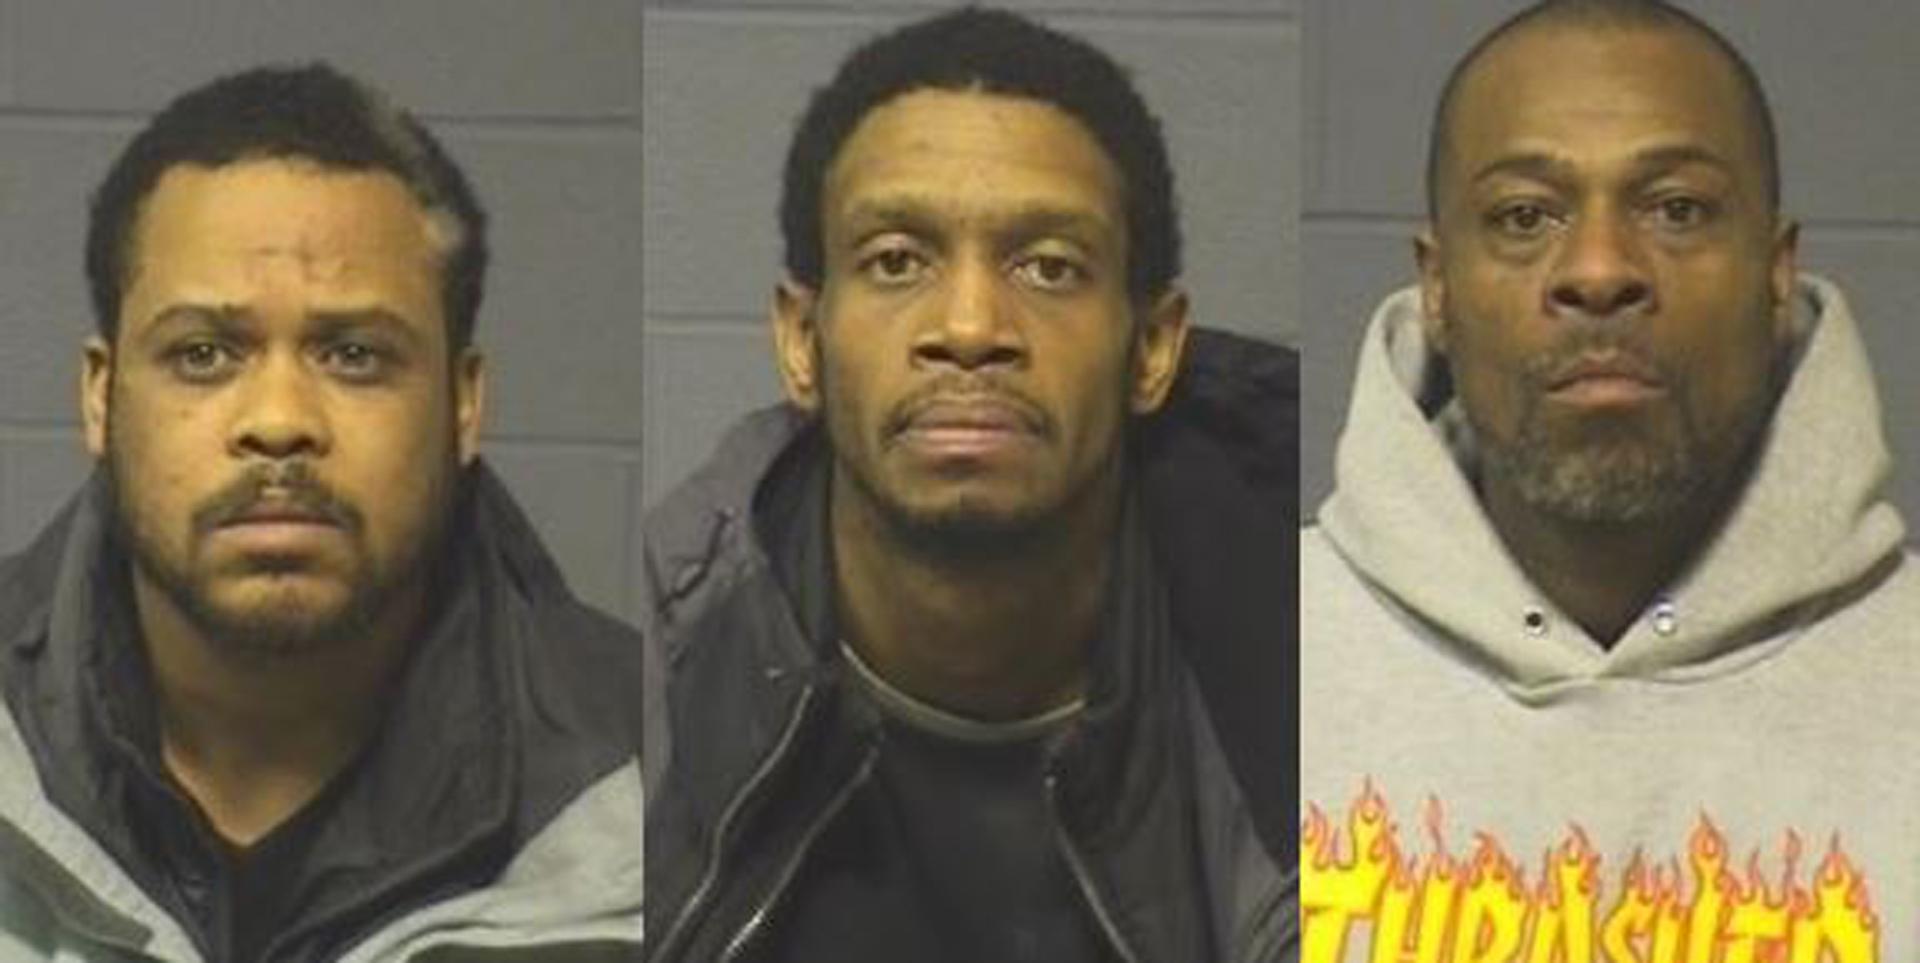 Hartford detectives arrest multiple individuals linked to